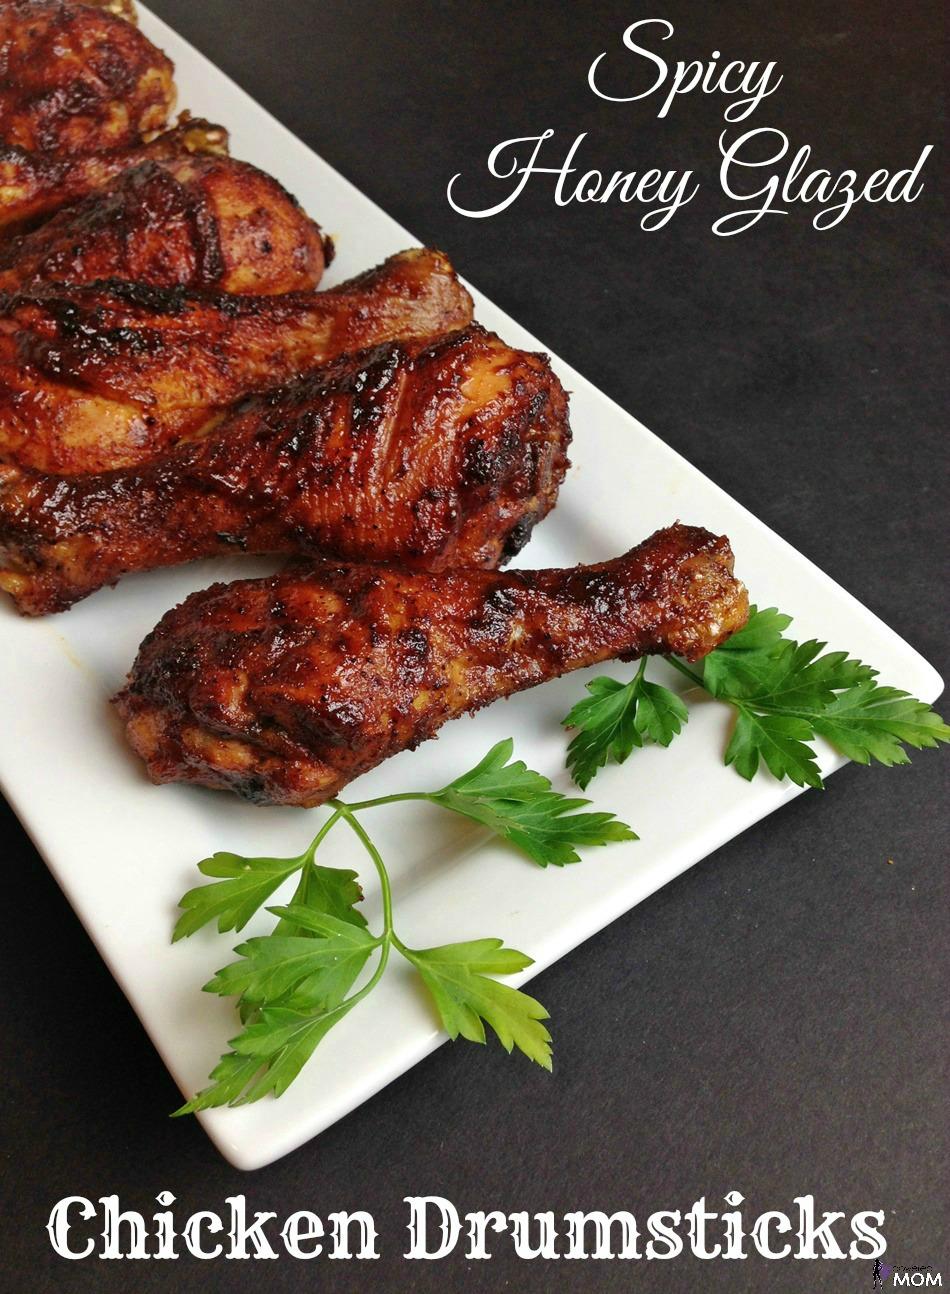 Spicy Honey Glazed Chicken Drumsticks banner 3